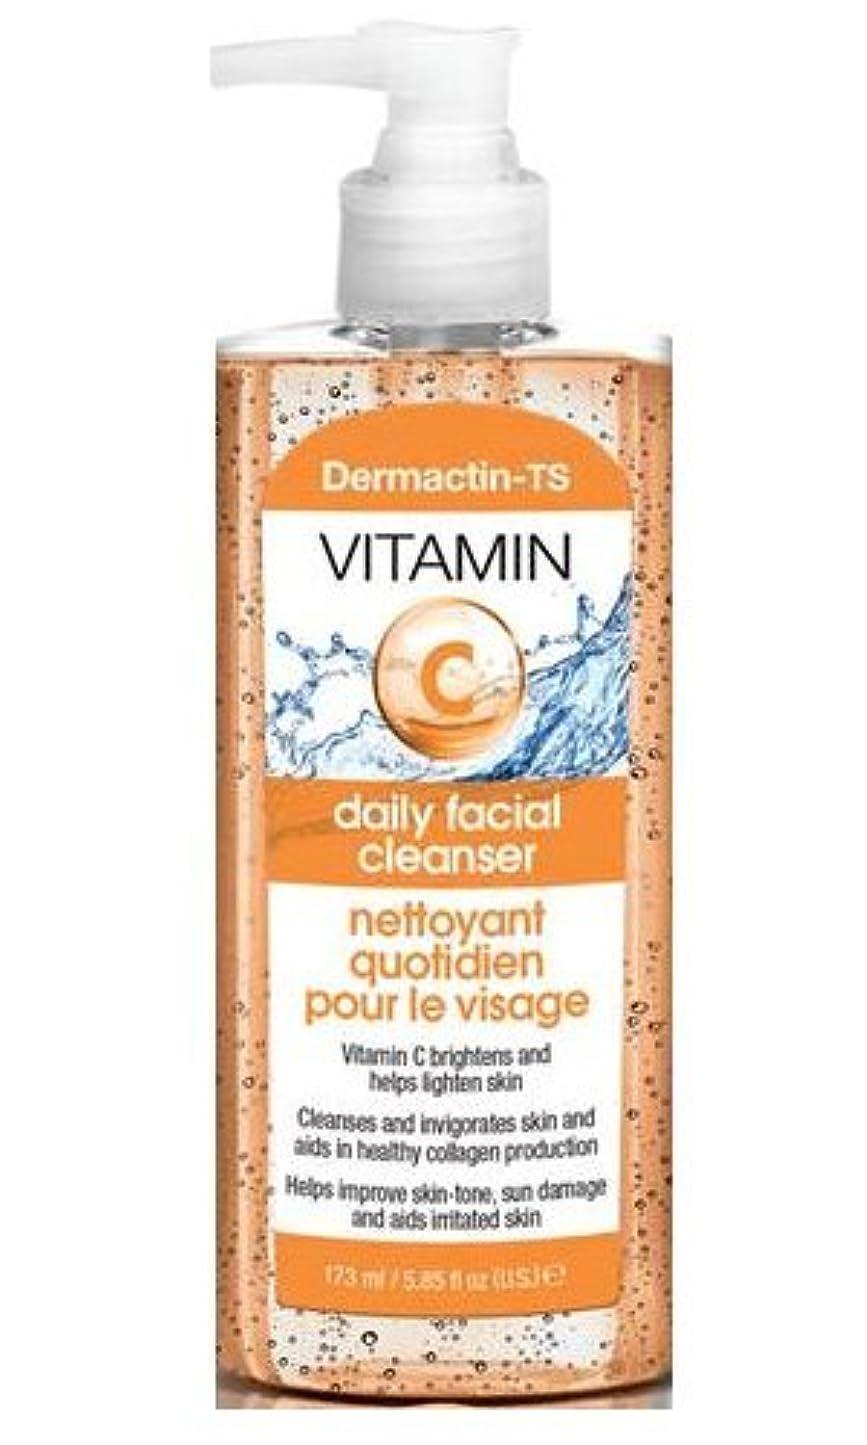 開いたディスパッチ成功するDermactin-TS ビタミンCフェイシャルクレンザー165g (4パック) (並行輸入品)